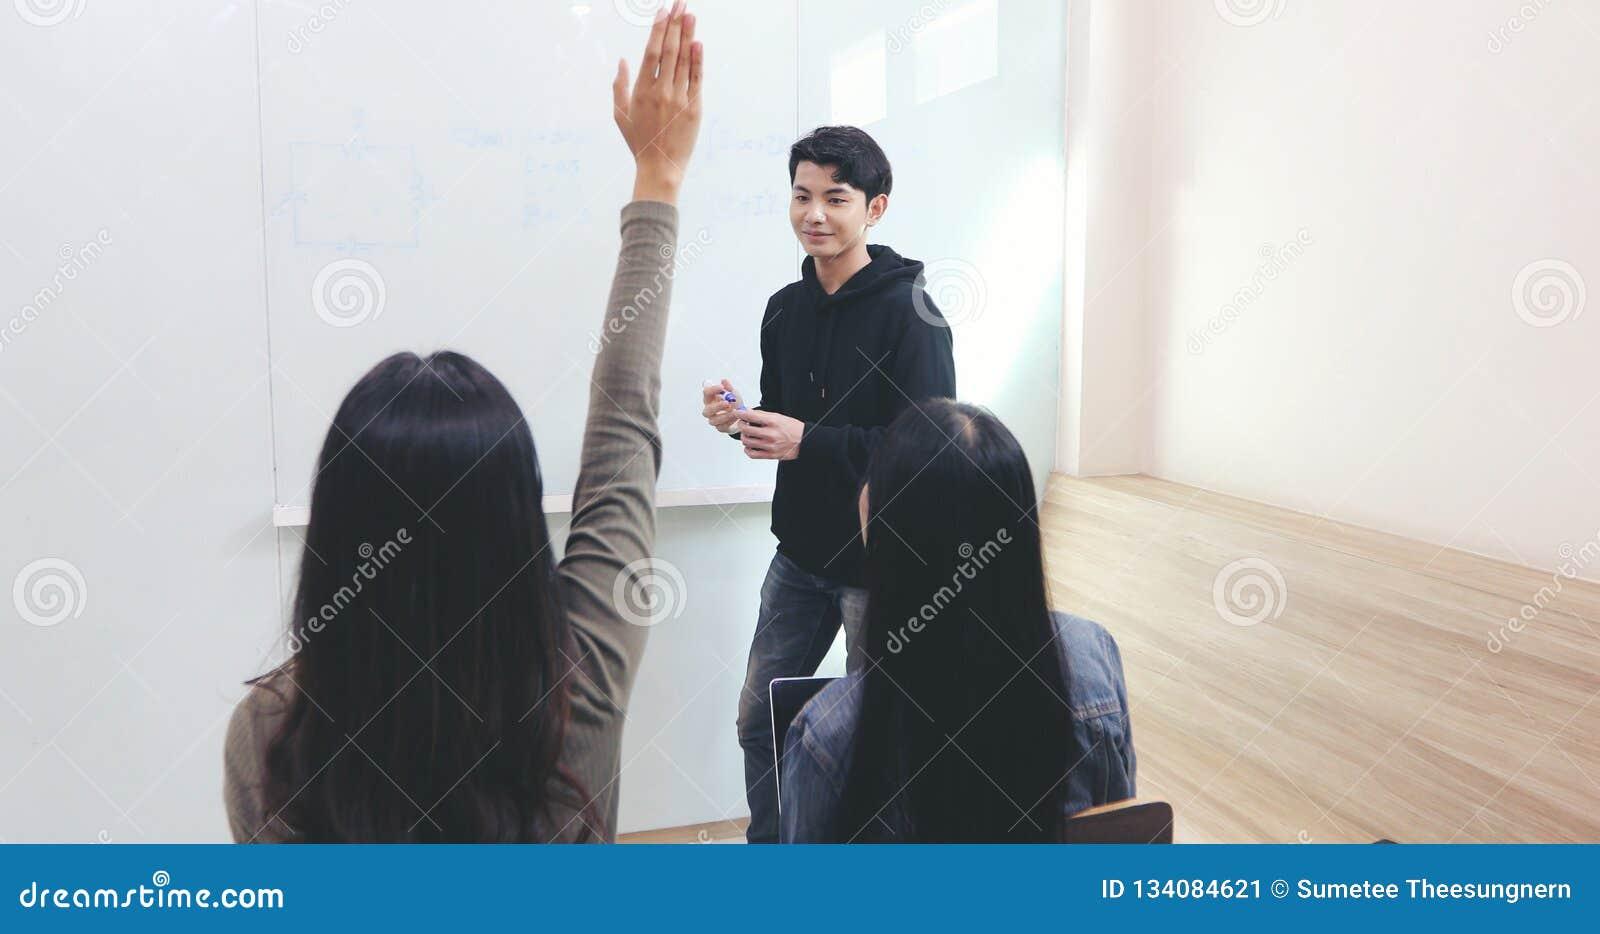 Os estudantes do grupo levantam suas mãos para pedir a um amigo perguntas ensinar no whiteboard na sala de aula